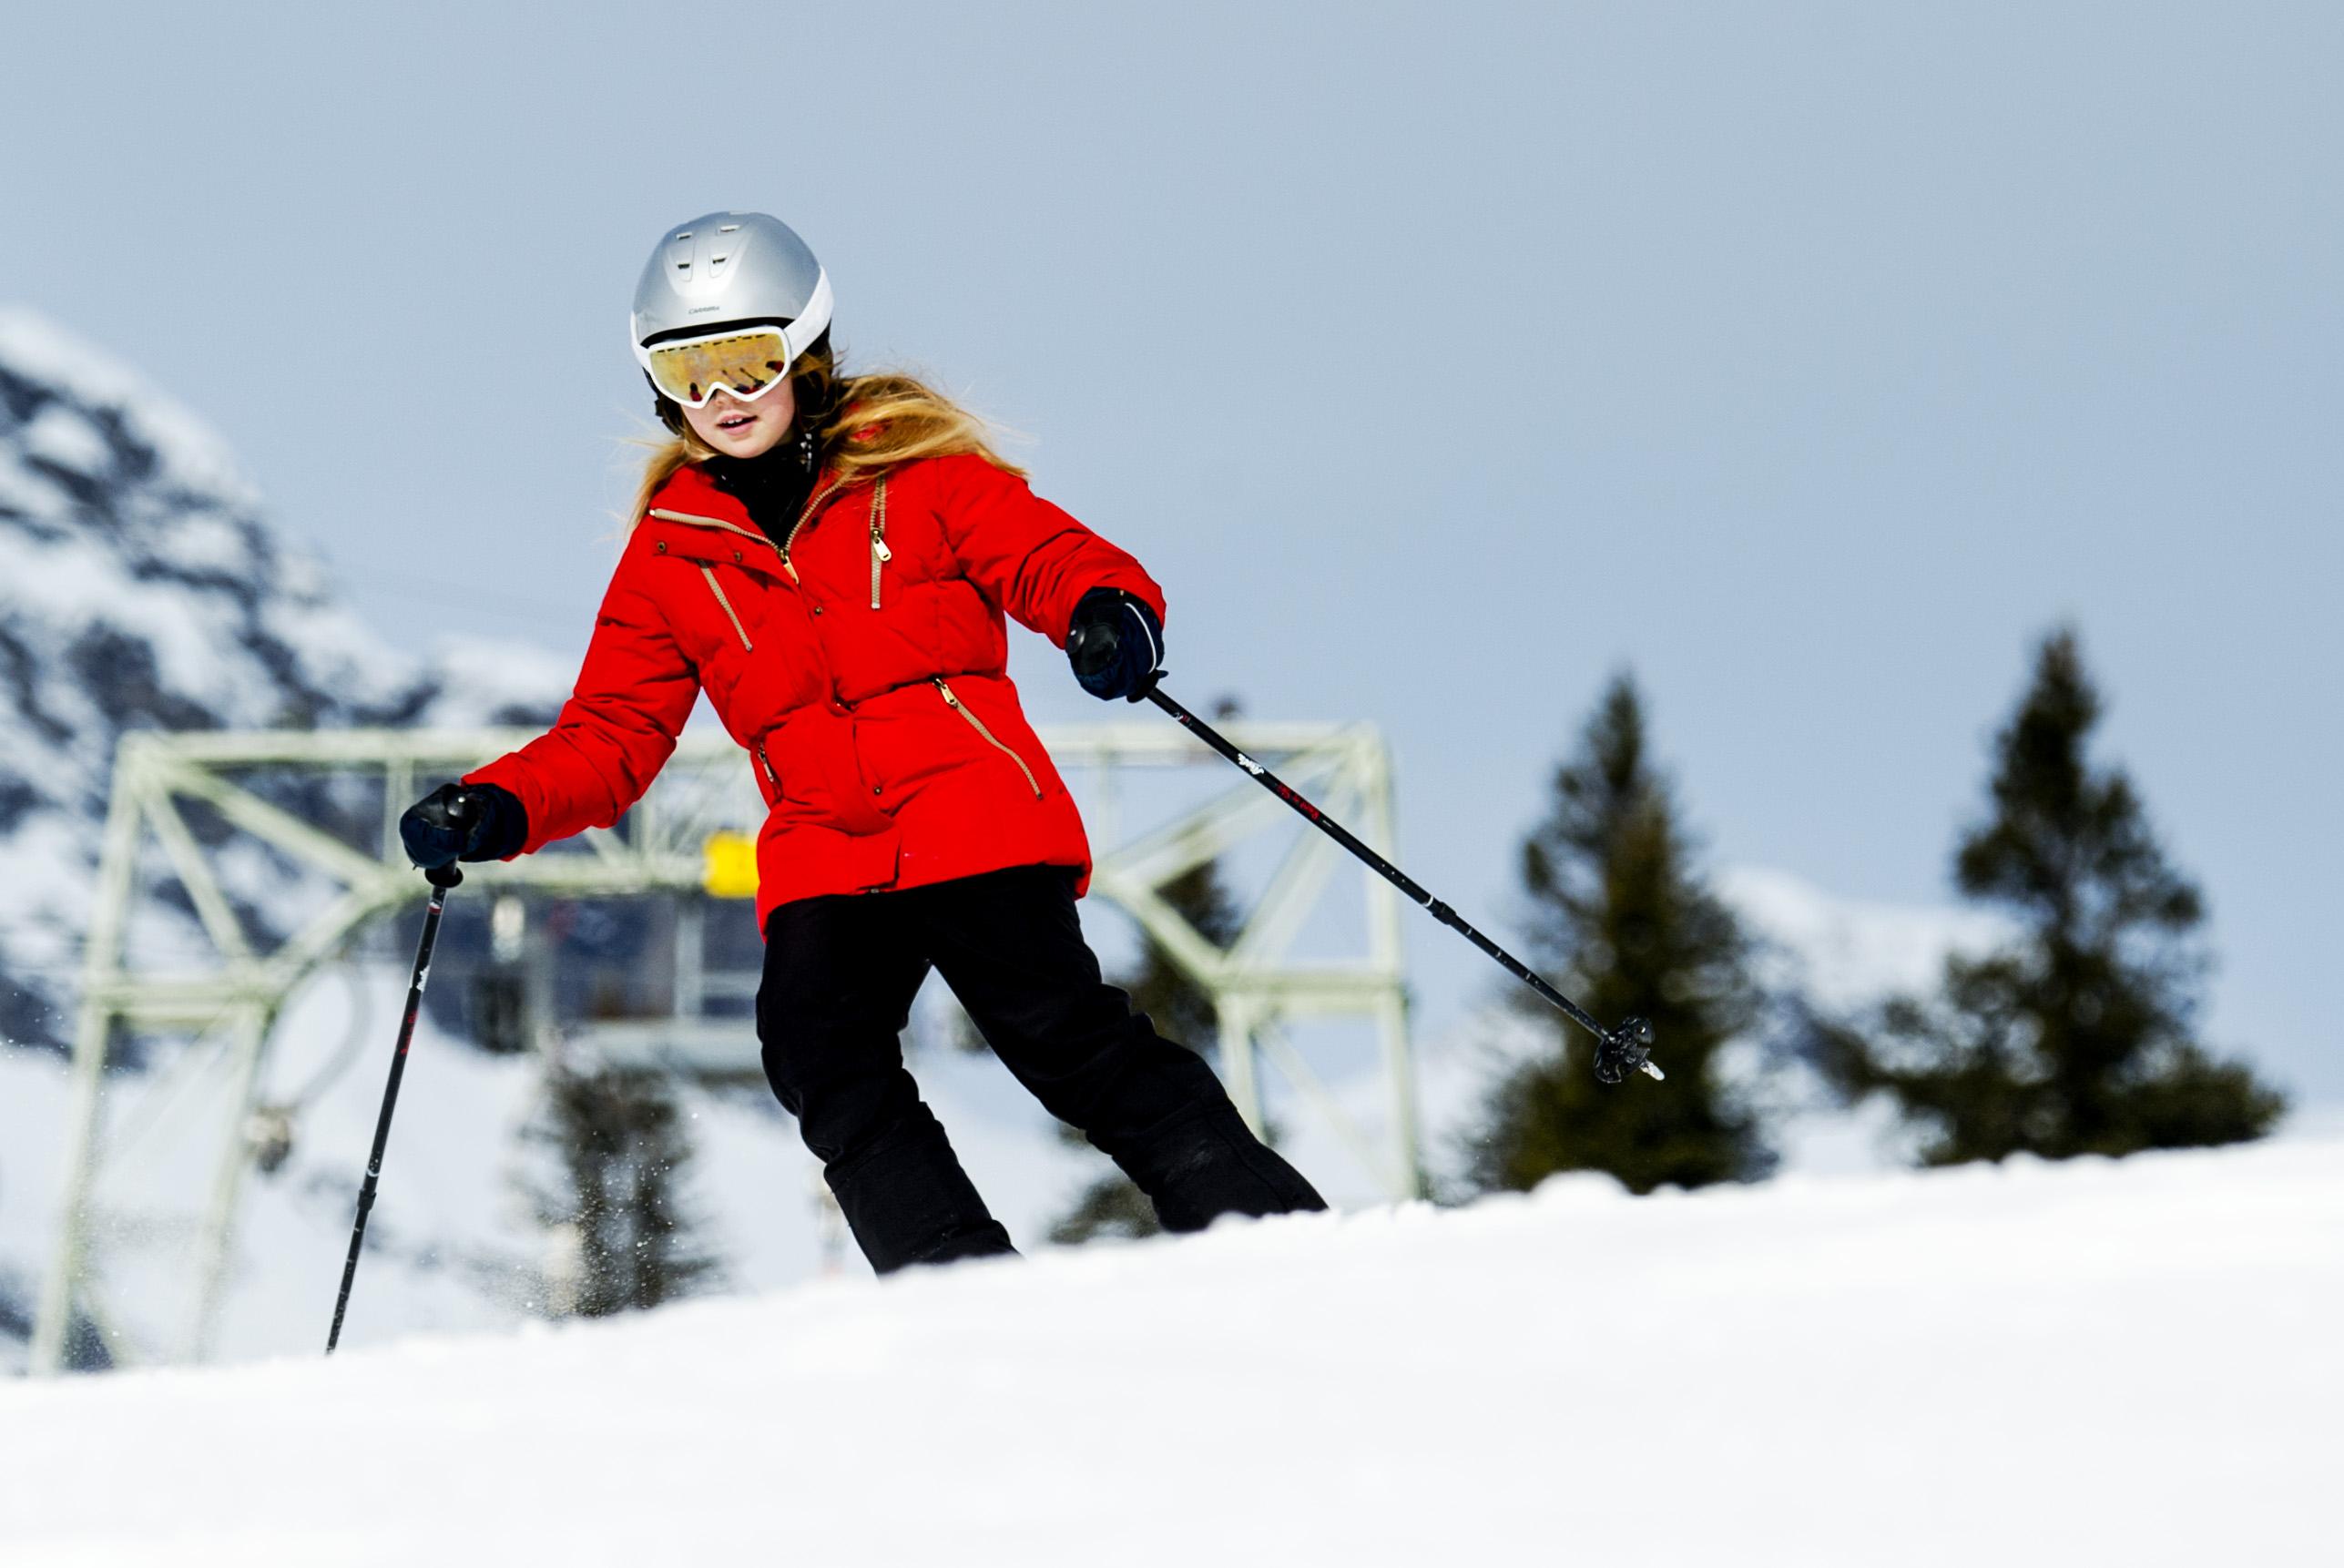 Prinses Alexia tijdens de jaarlijkse fotosessie in het Oostenrijkse skioord Lech in 2015.